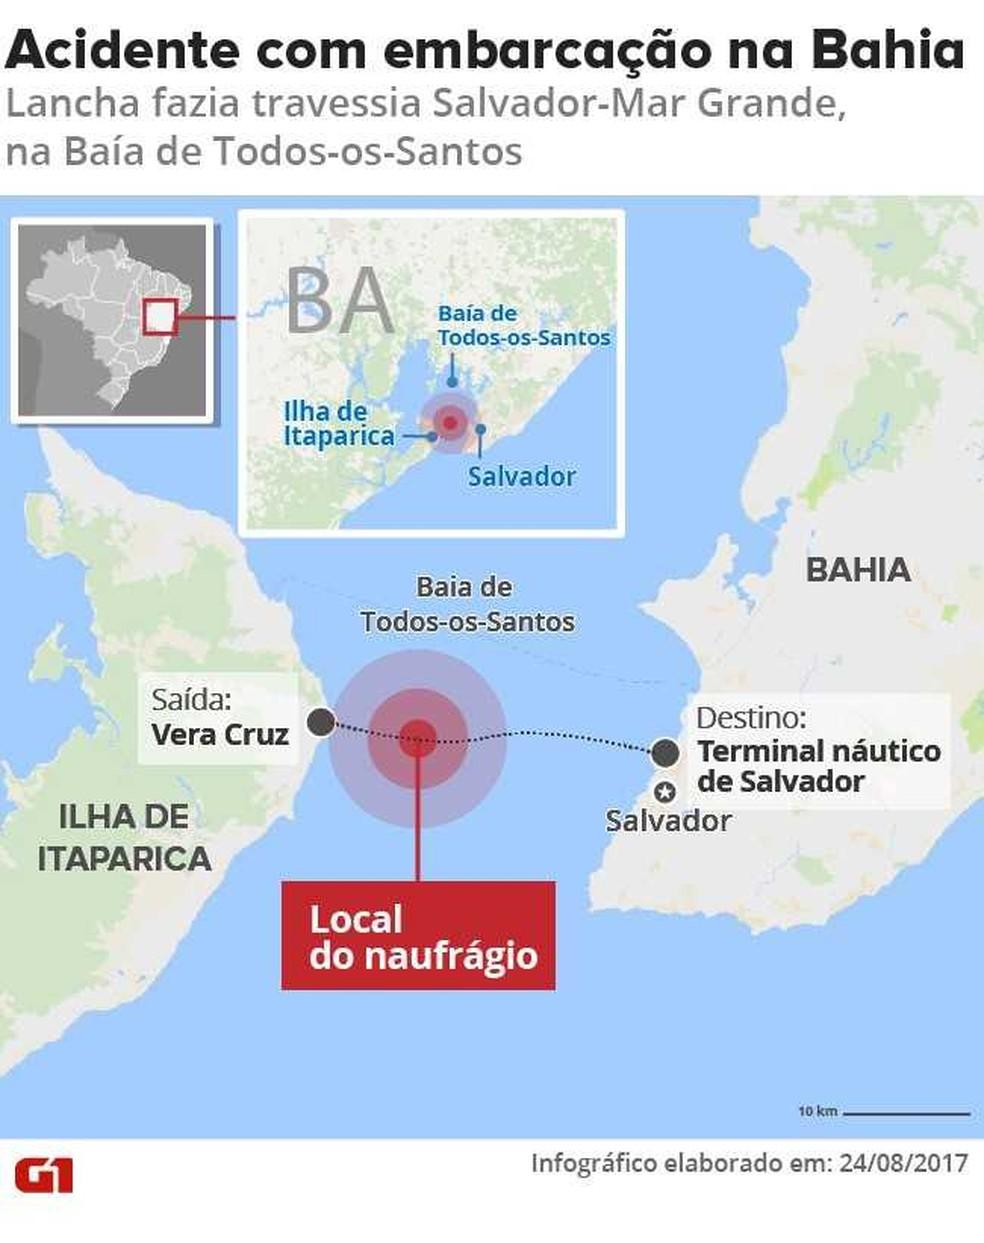 Acidente com embarcação na Bahia  - vale (Foto: Arte/G1)